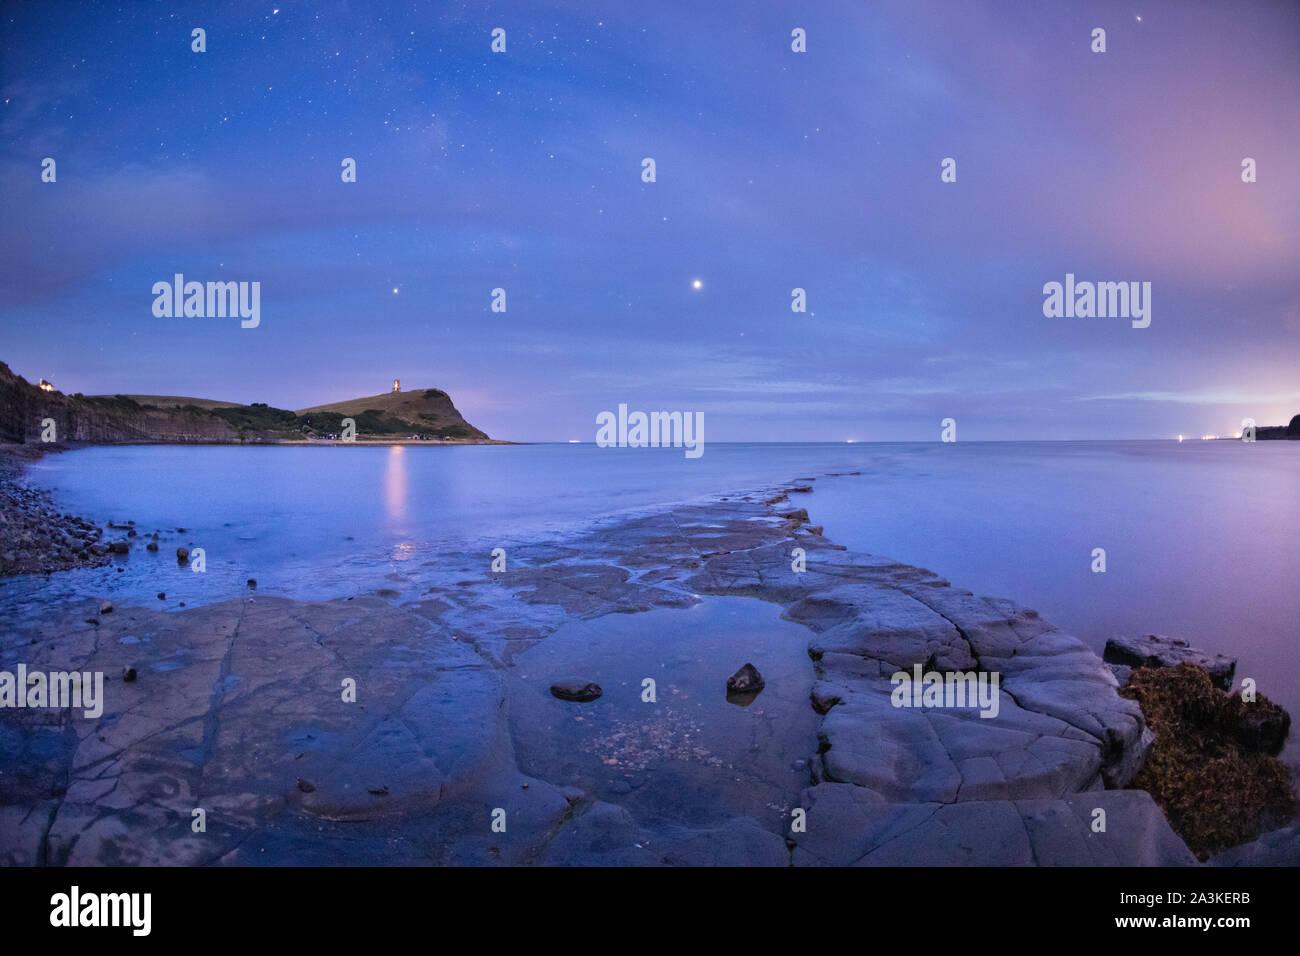 Júpiter y Saturno (centro) (centro izquierda) en el cielo nocturno de Kimmerridge Bay, la Costa Jurásica, en Dorset, Inglaterra, Reino Unido. Foto de stock